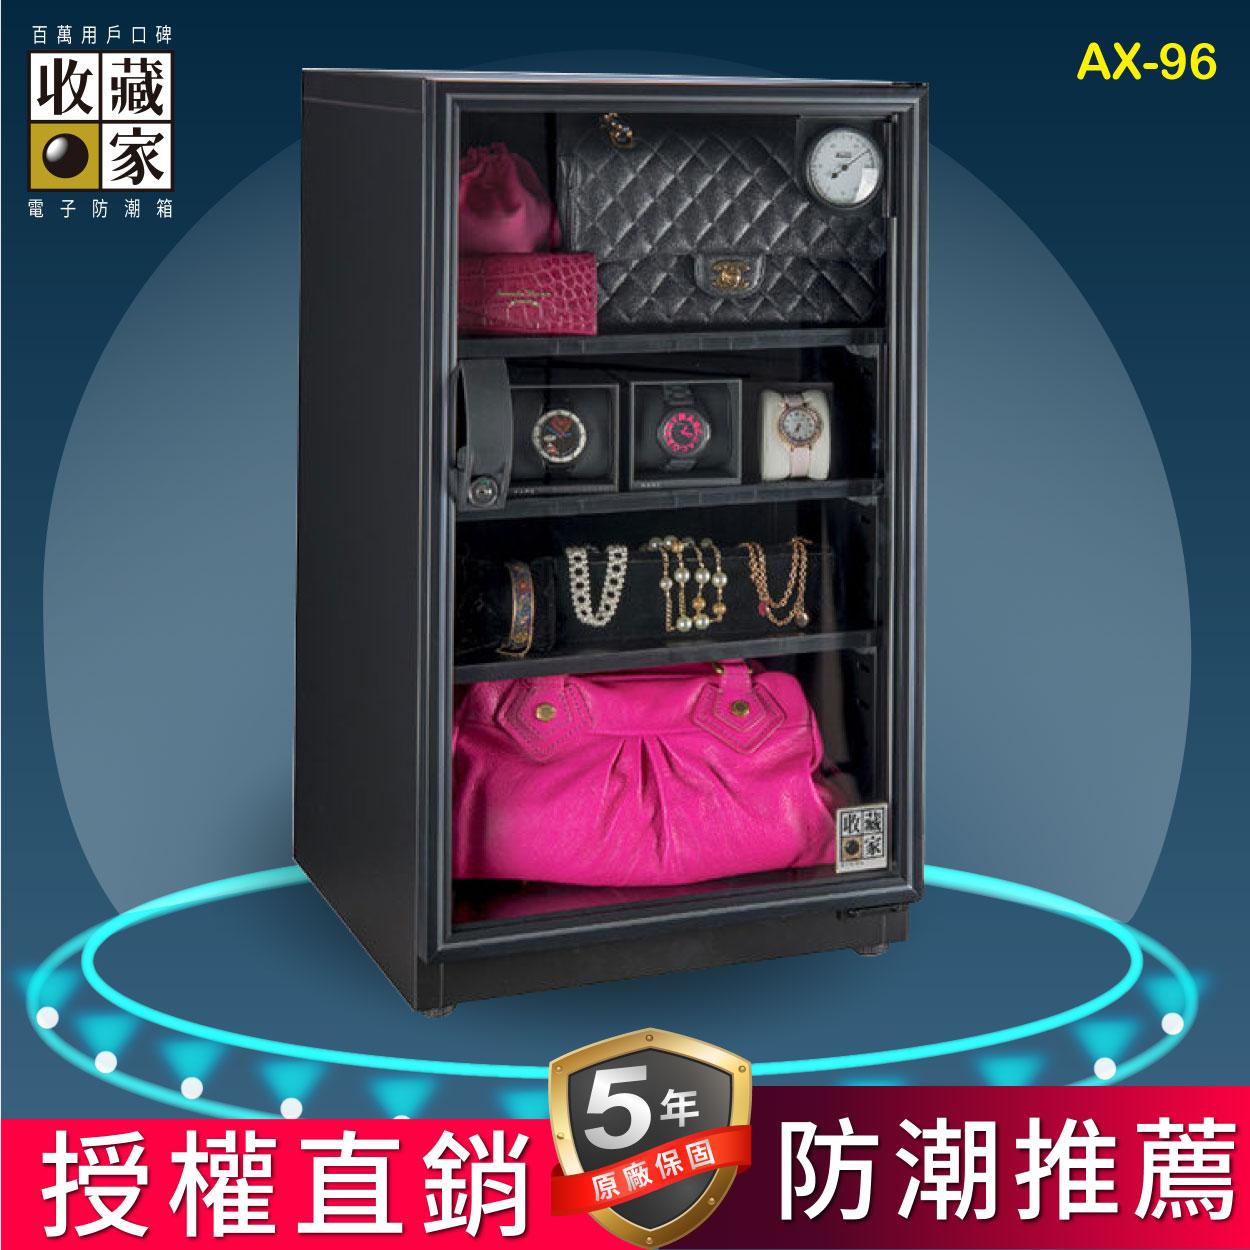 【收藏家】 AX-96 大型除濕主機 型電子防潮箱(93公升) 防霉 單眼 控濕 發霉食物保存